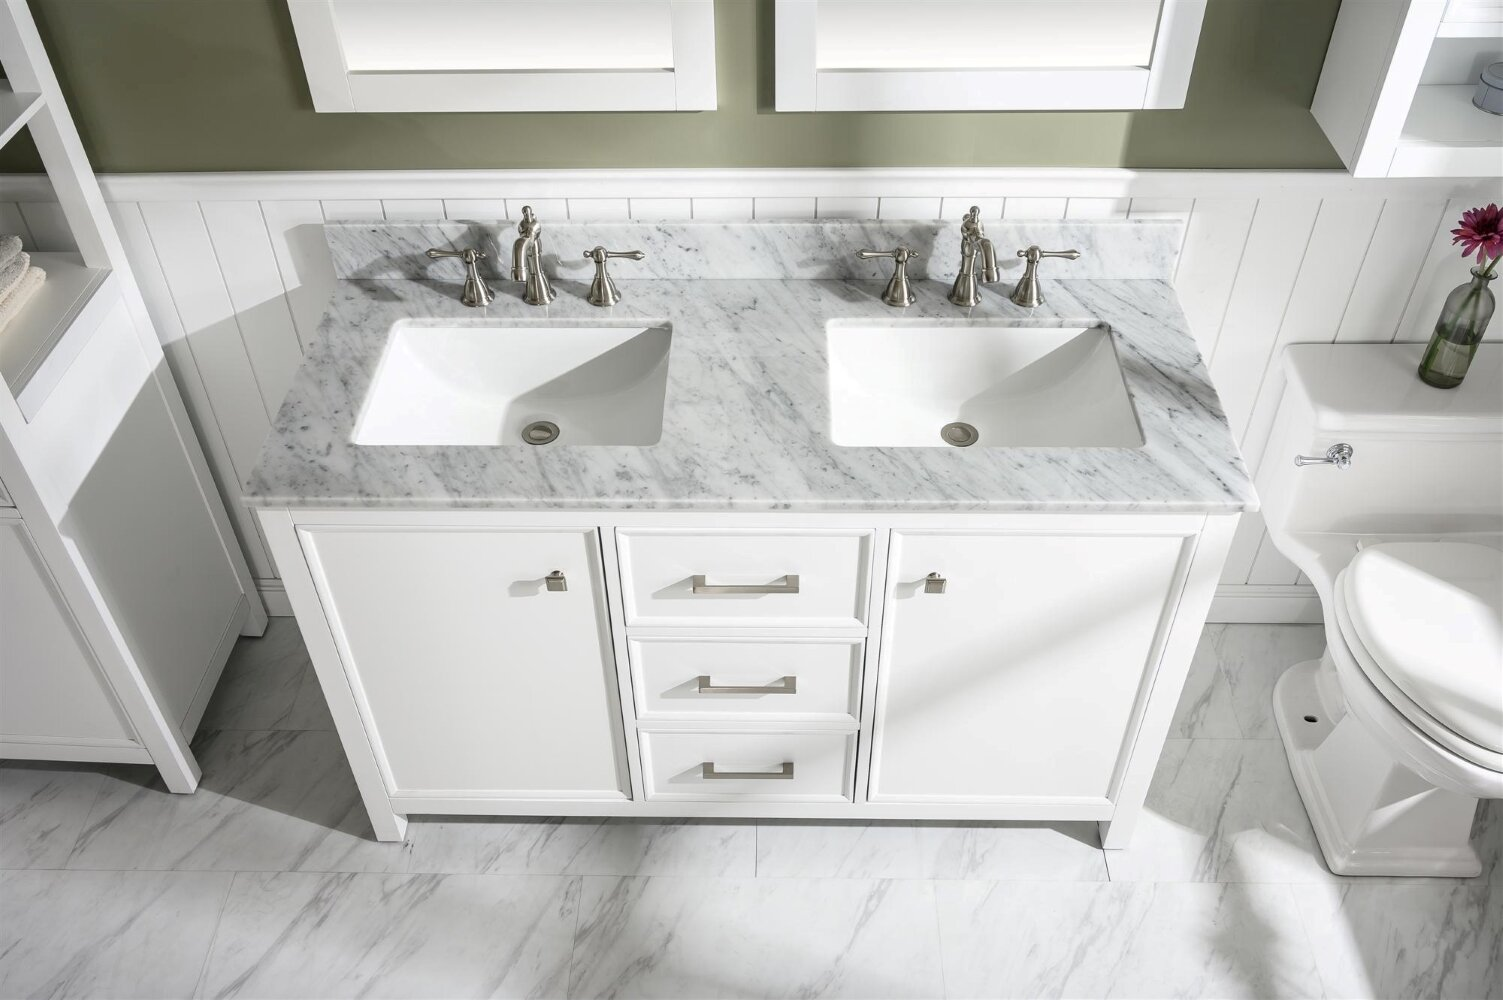 Breakwater Bay Malmberg 54 Double Bathroom Vanity Set Reviews Wayfair